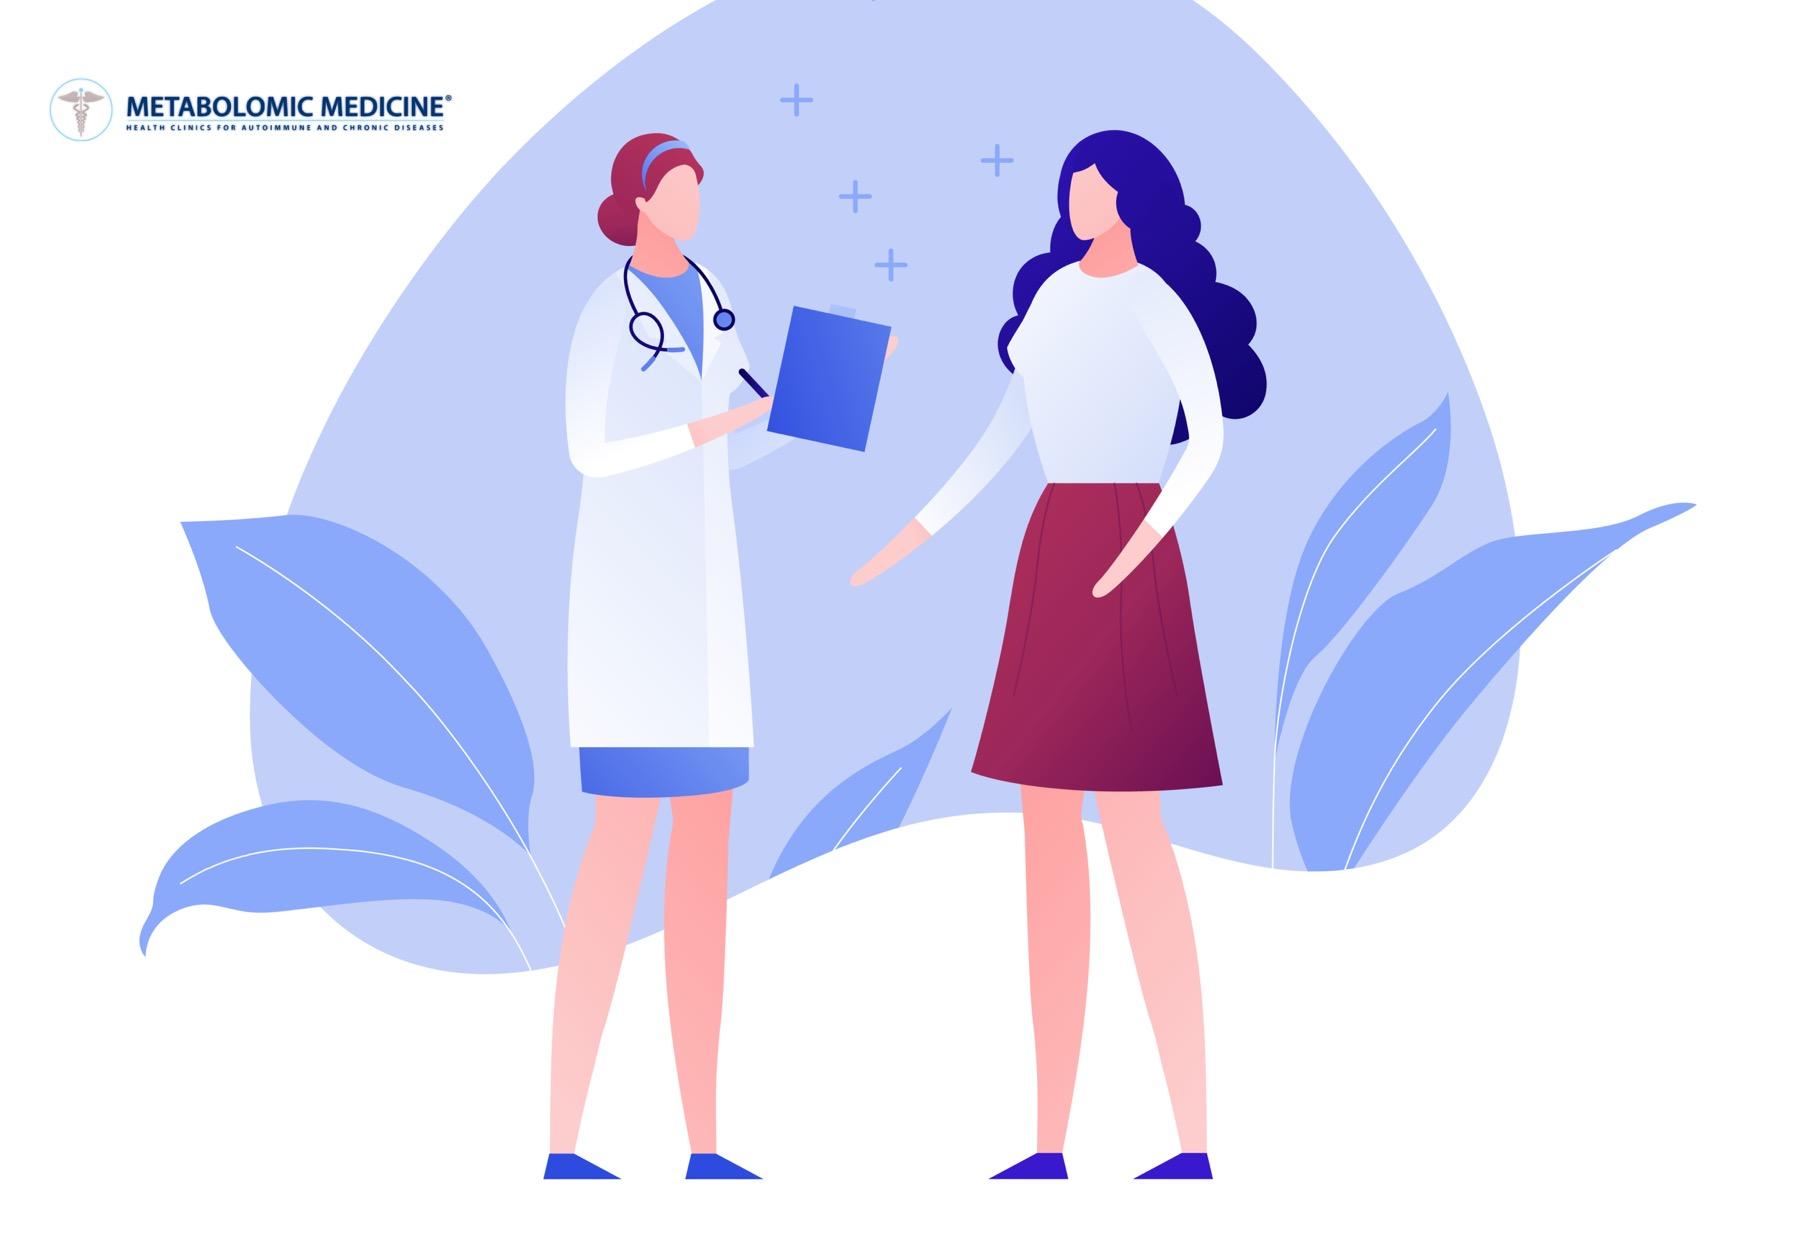 Αυτοάνοσα Νοσήματα: Τι Καθορίζει την Απόσταση Ανάμεσα στην Υγεία και τη Νόσο